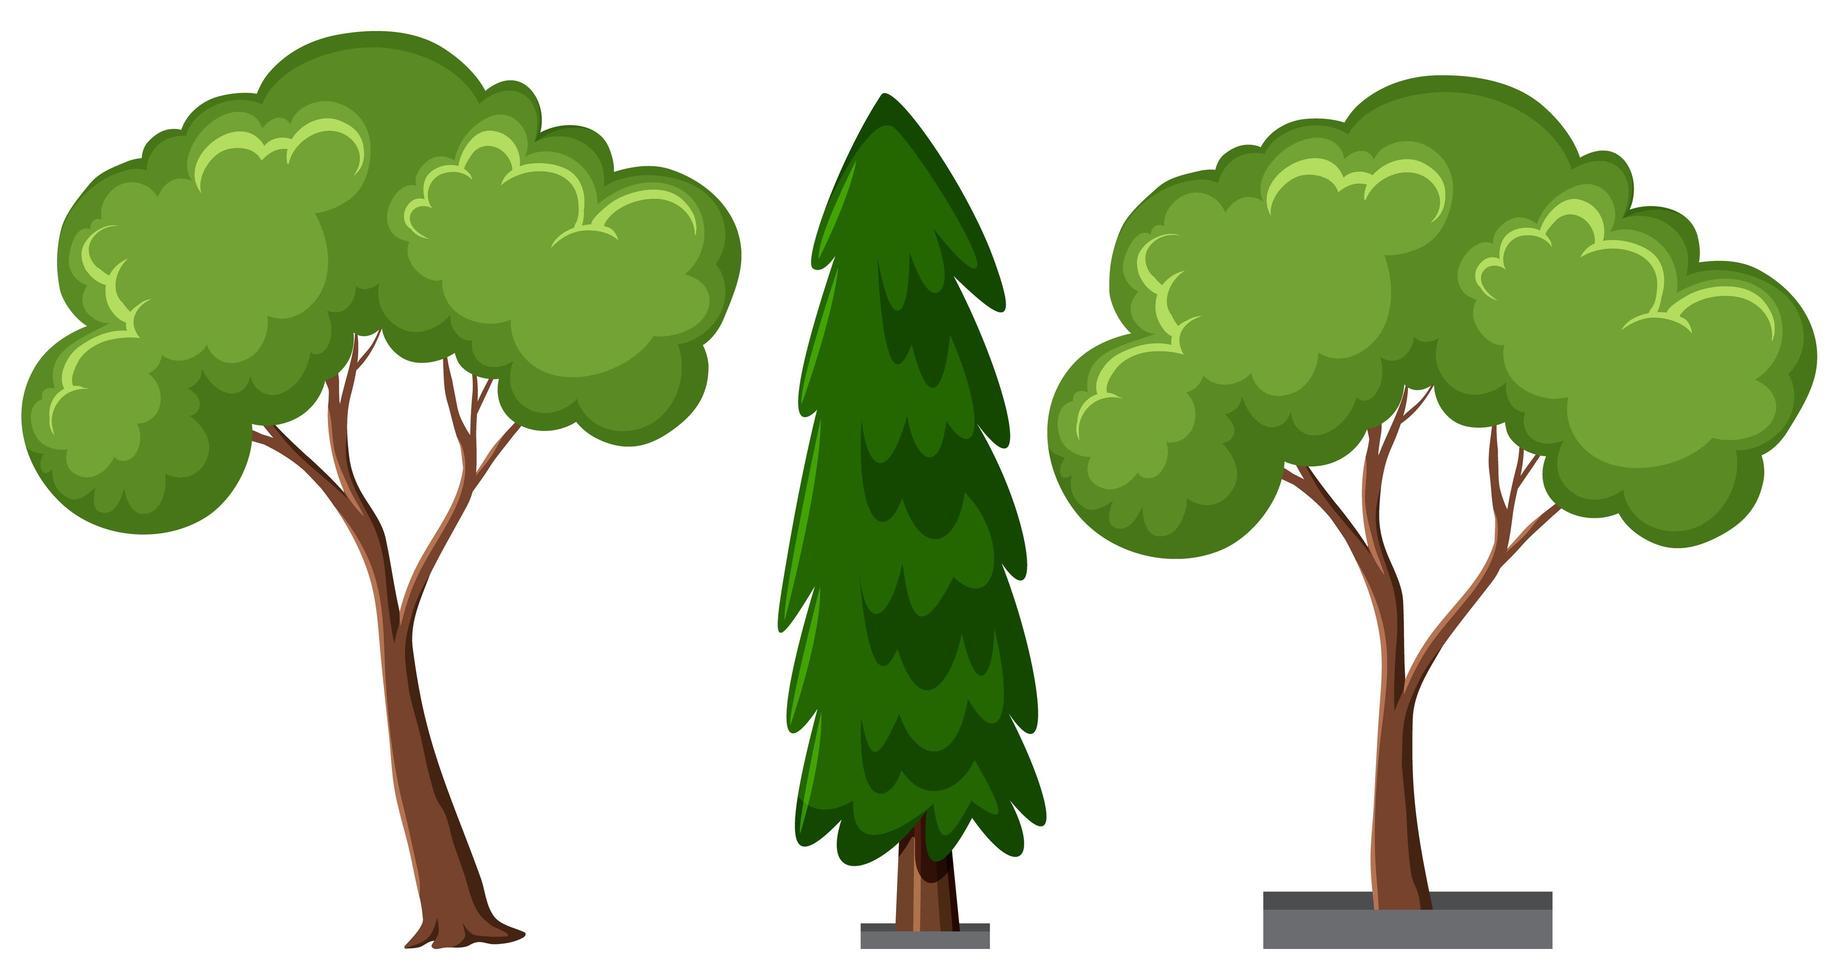 uppsättning av olika träd isolerad på vit bakgrund vektor